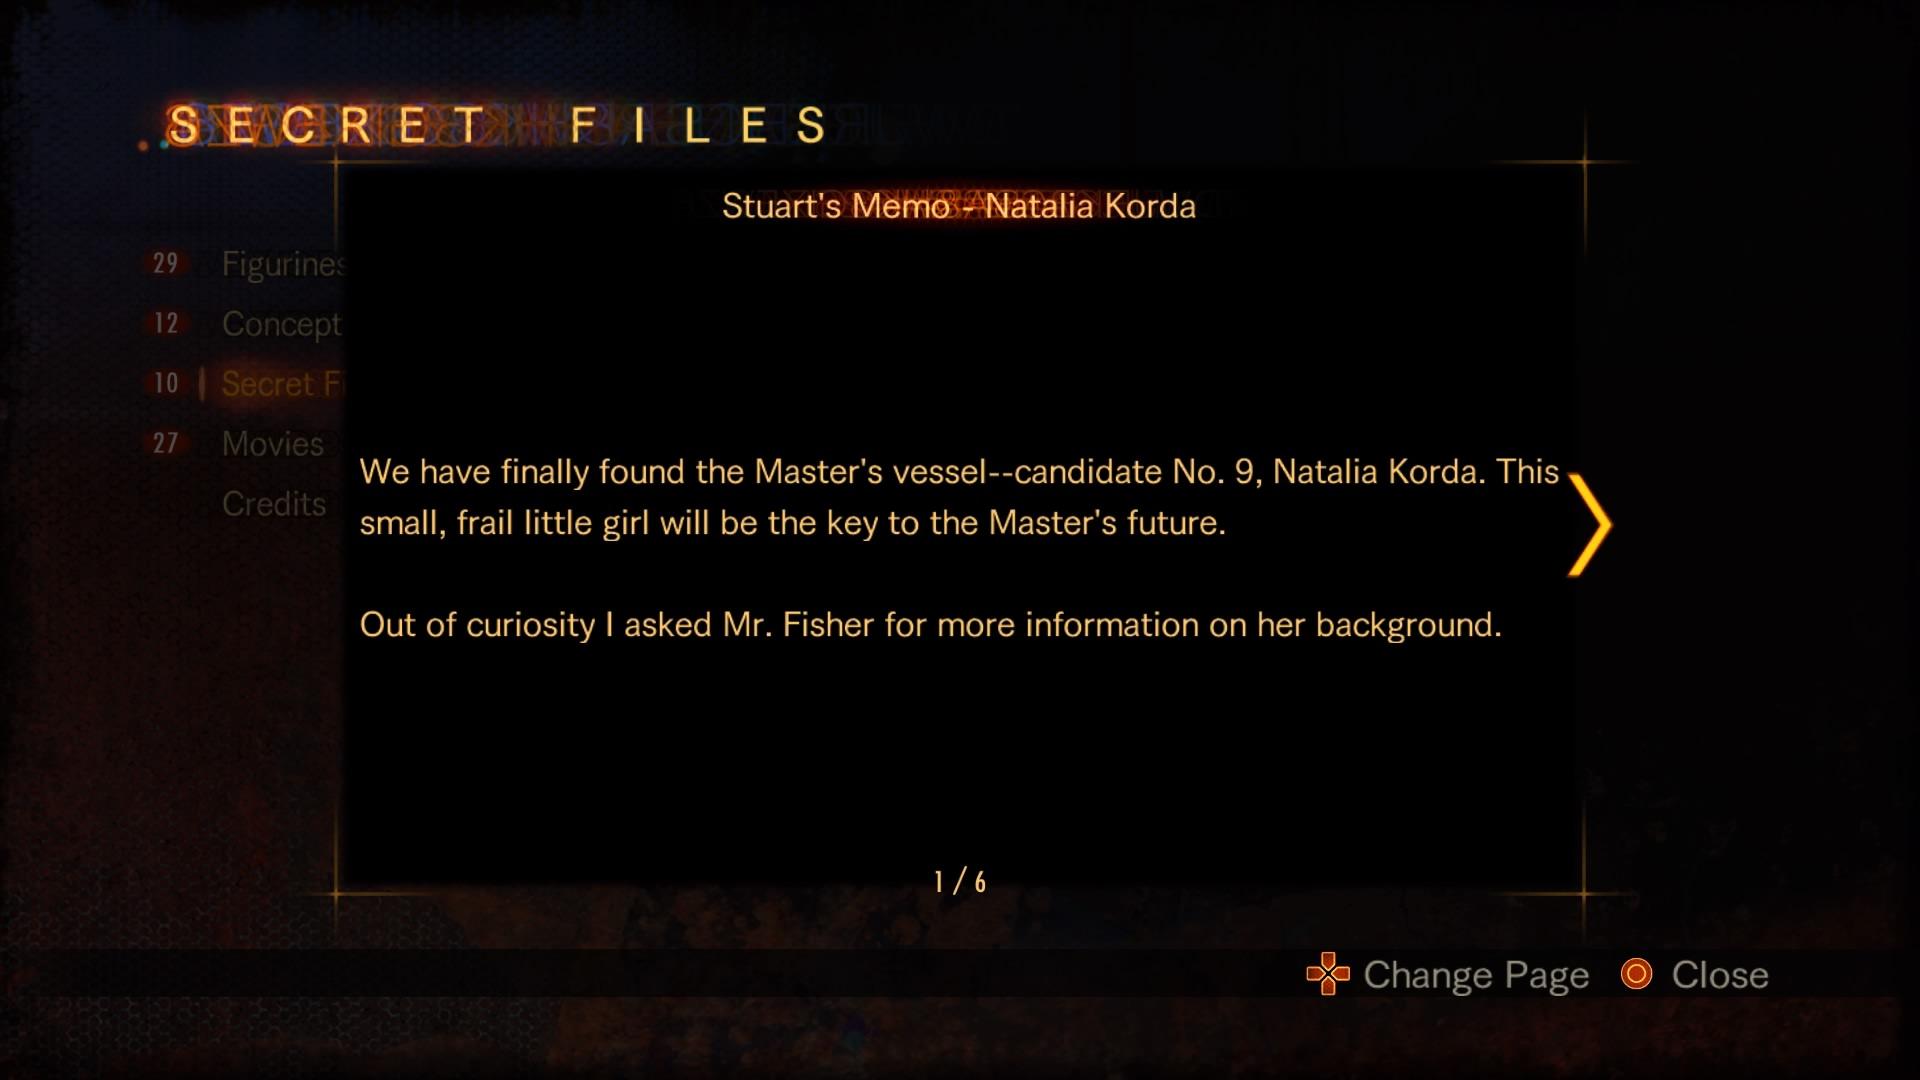 Stuart's Memo - Natalia Korda